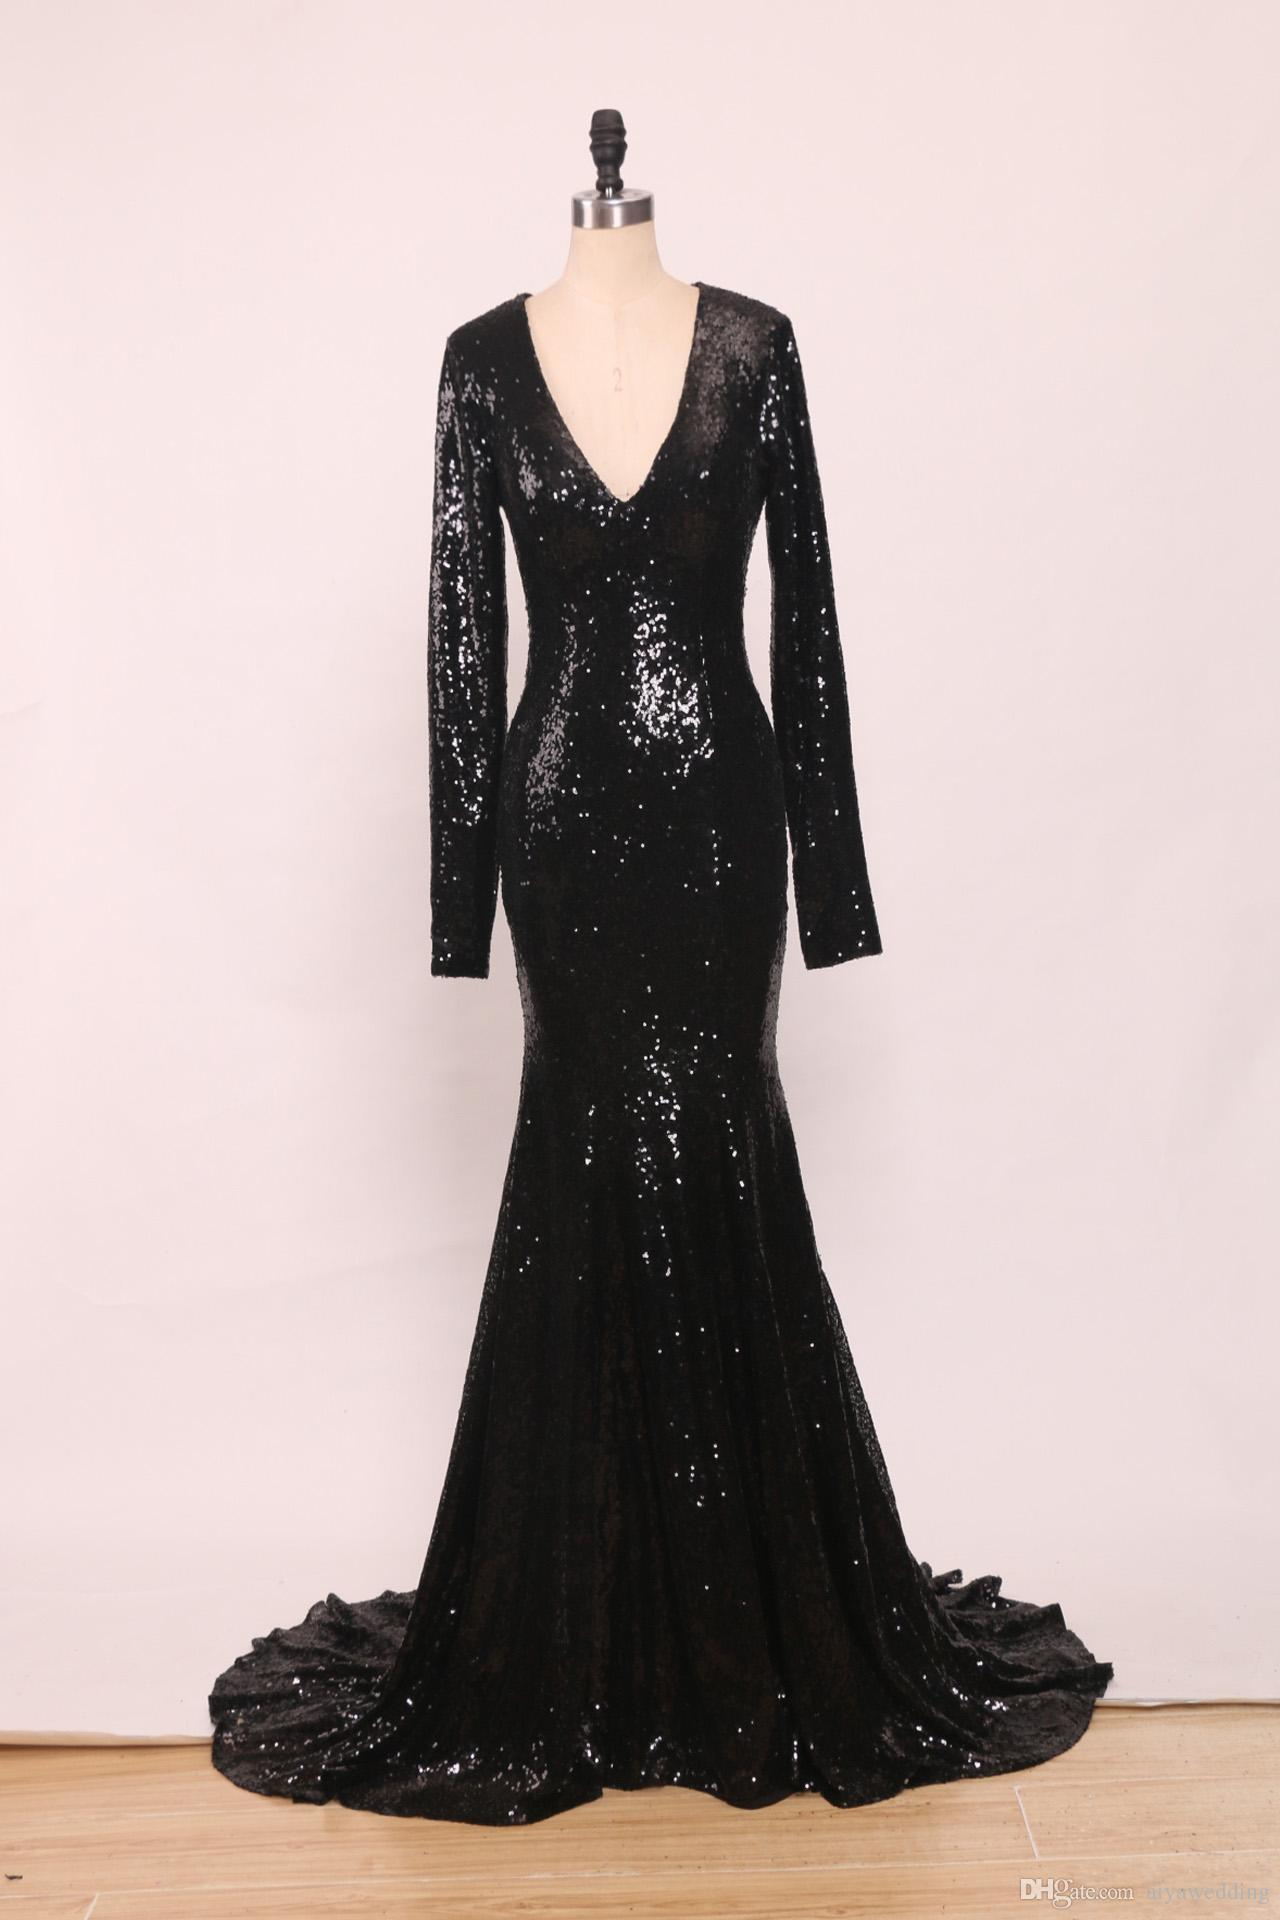 Bling mangas largas lentejuelas sirena vestidos de noche 2019 escote pronunciado tren de la corte vestidos de gala vestidos de fiesta formales de las mujeres